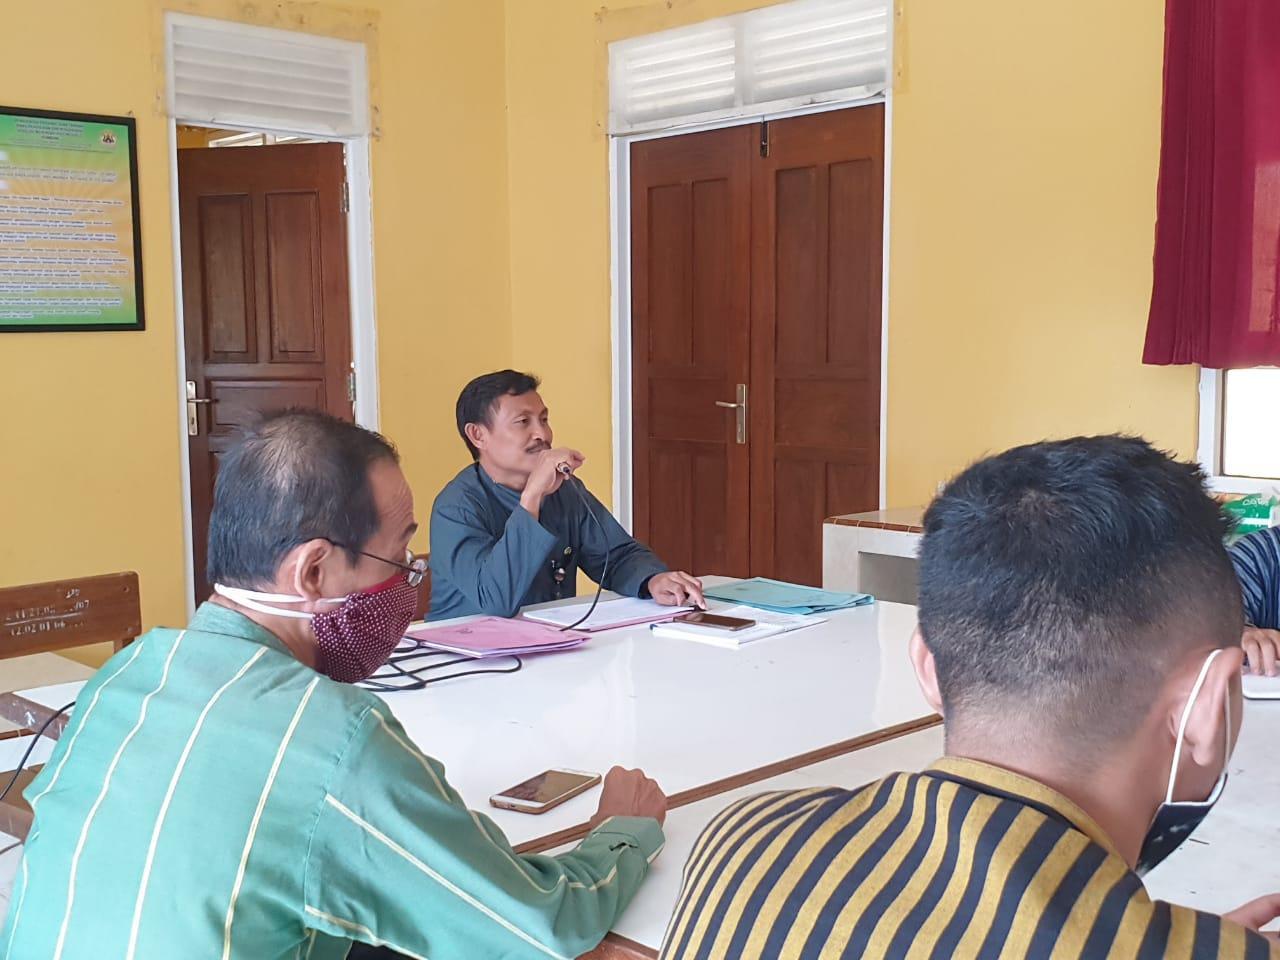 Penerimaan Raport Peserta Didik Hasil Penilaian Tengah Semester 1 Tahun Pelajaran 2020/2021 di SMA Negeri 3 Rembang Berjalan Sukses